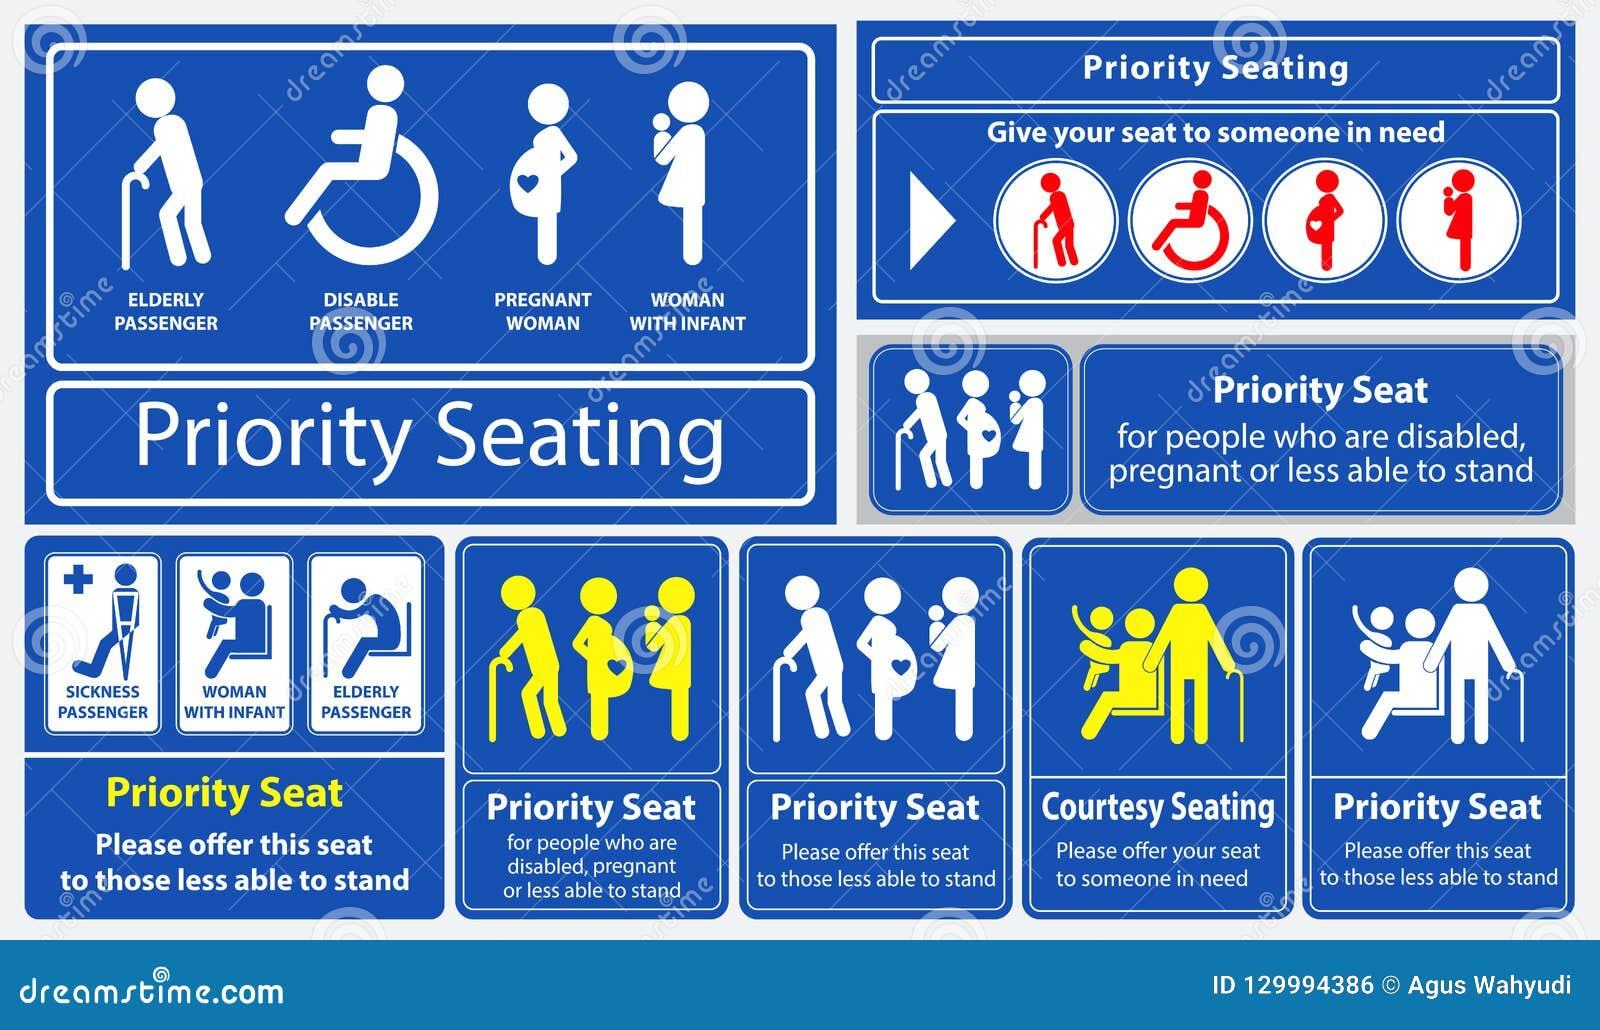 Klistermärke för prioritetsplats genom att använda offentligt trans., som bussen, samlas drevet, snabb transport och annan